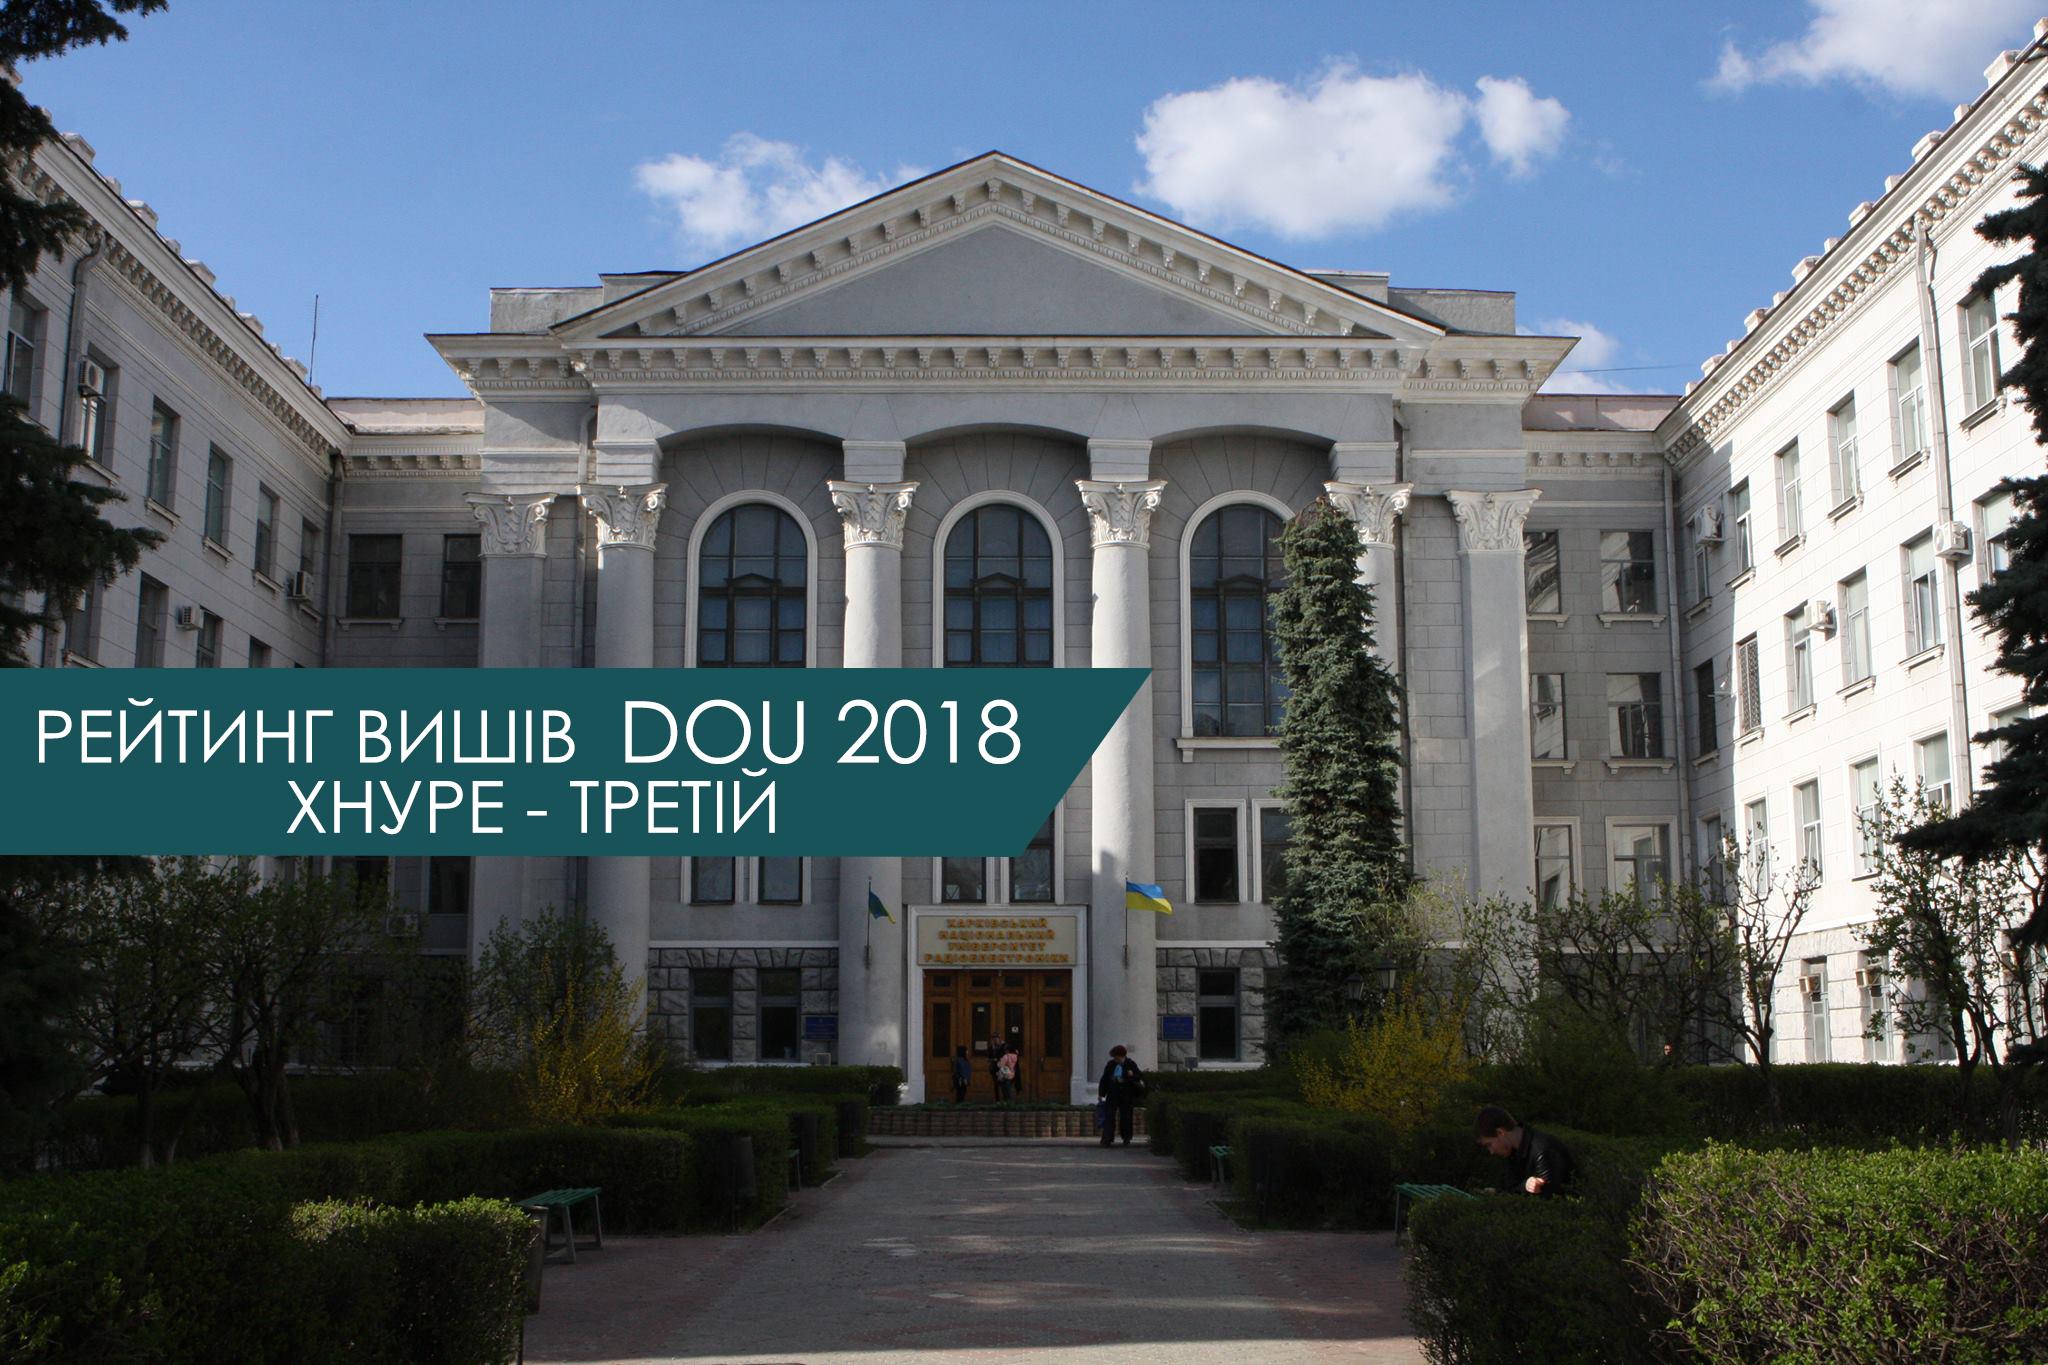 Рейтинг вишів DOU 2018: ХНУРЕ третій